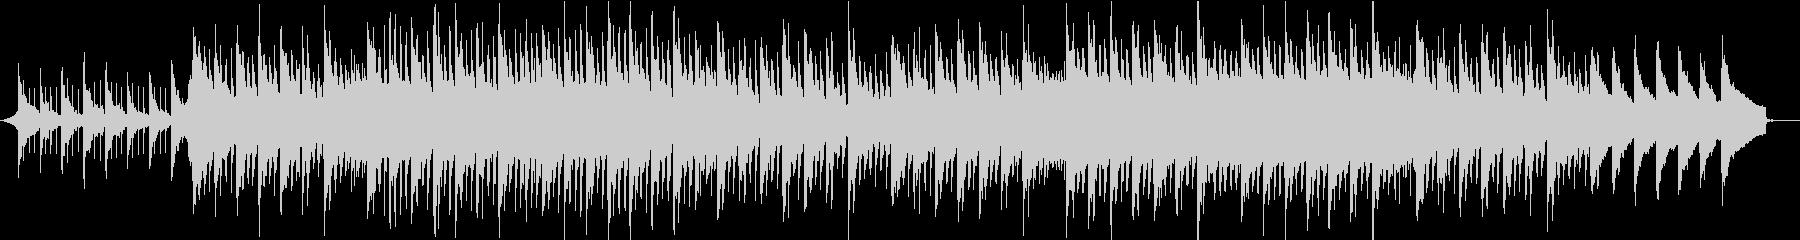 花畑とひまわりのピアノトロピカルハウスの未再生の波形